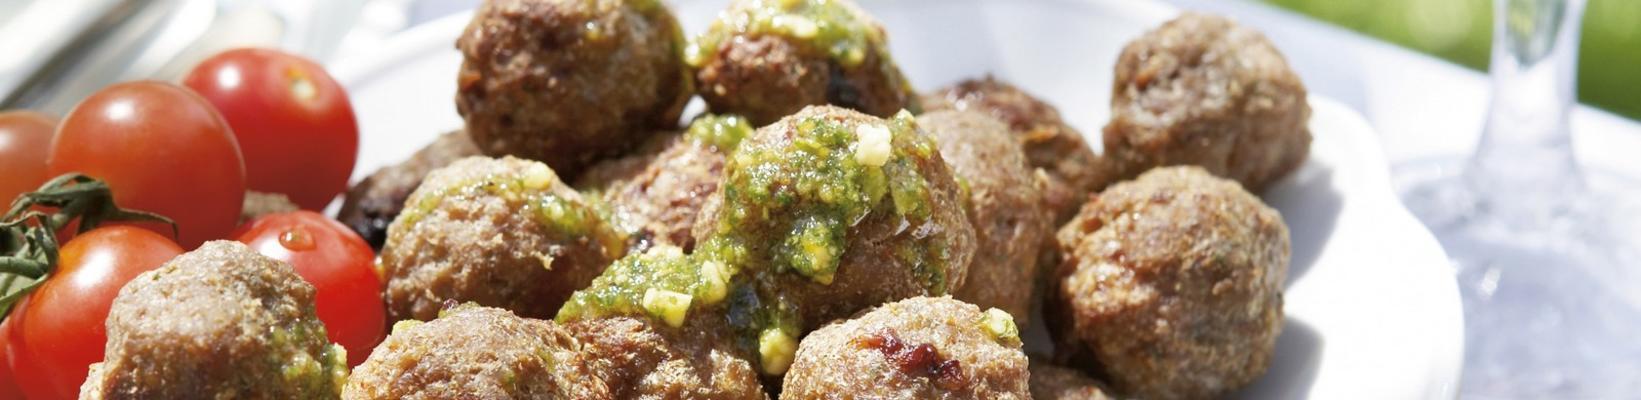 meatballs with pistachio pesto